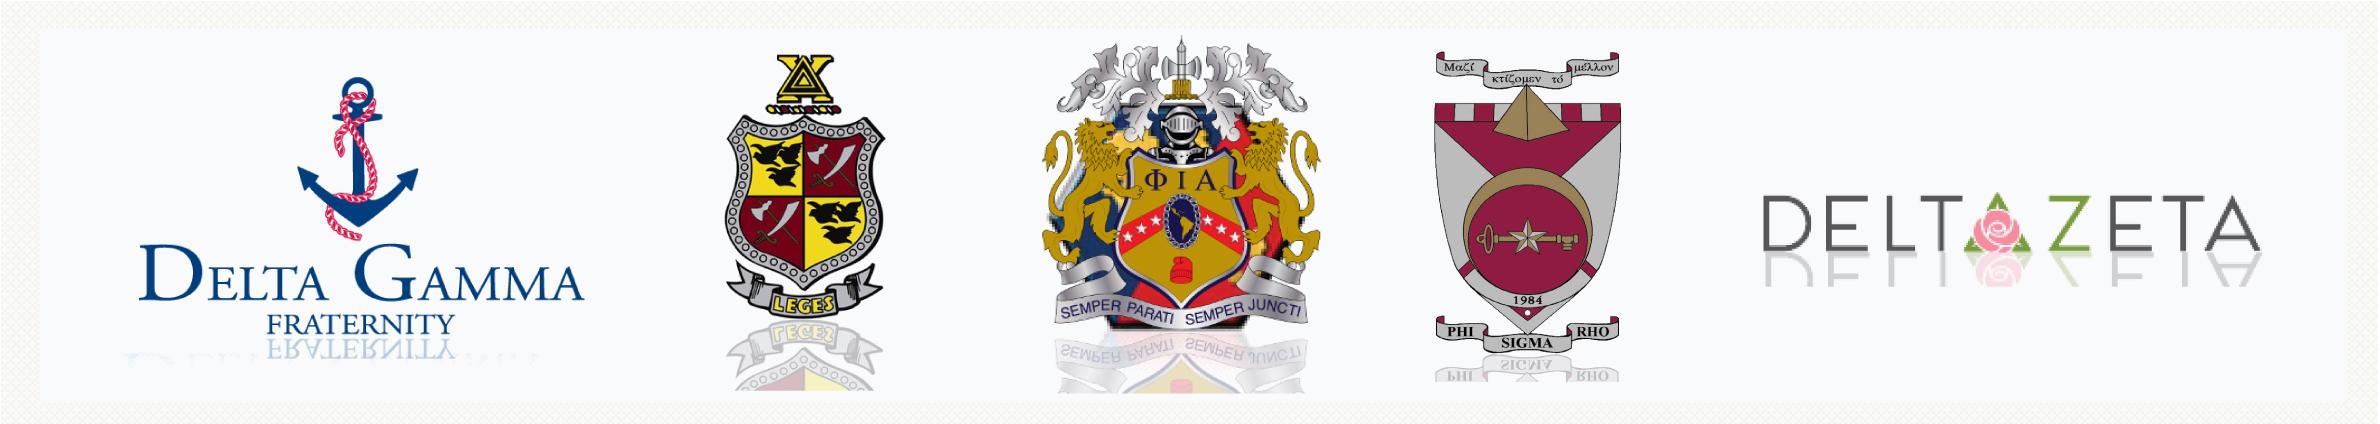 fraternity-banner.jpg